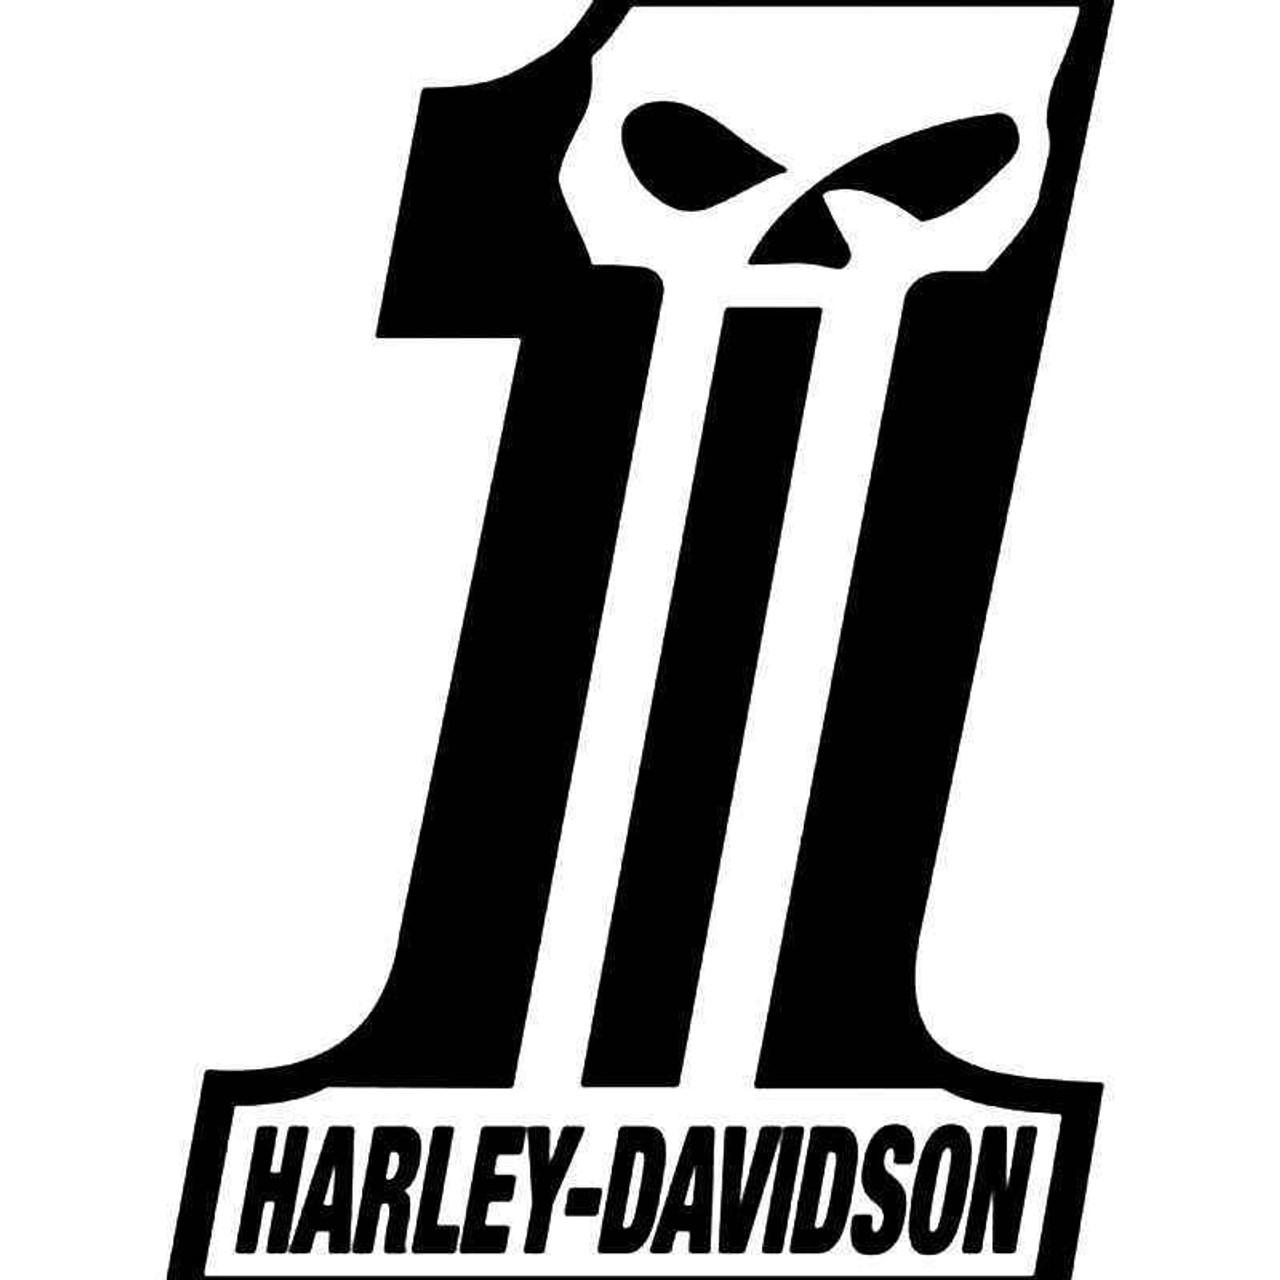 Harley davidson motorcycles dark customs skull vinyl sticker